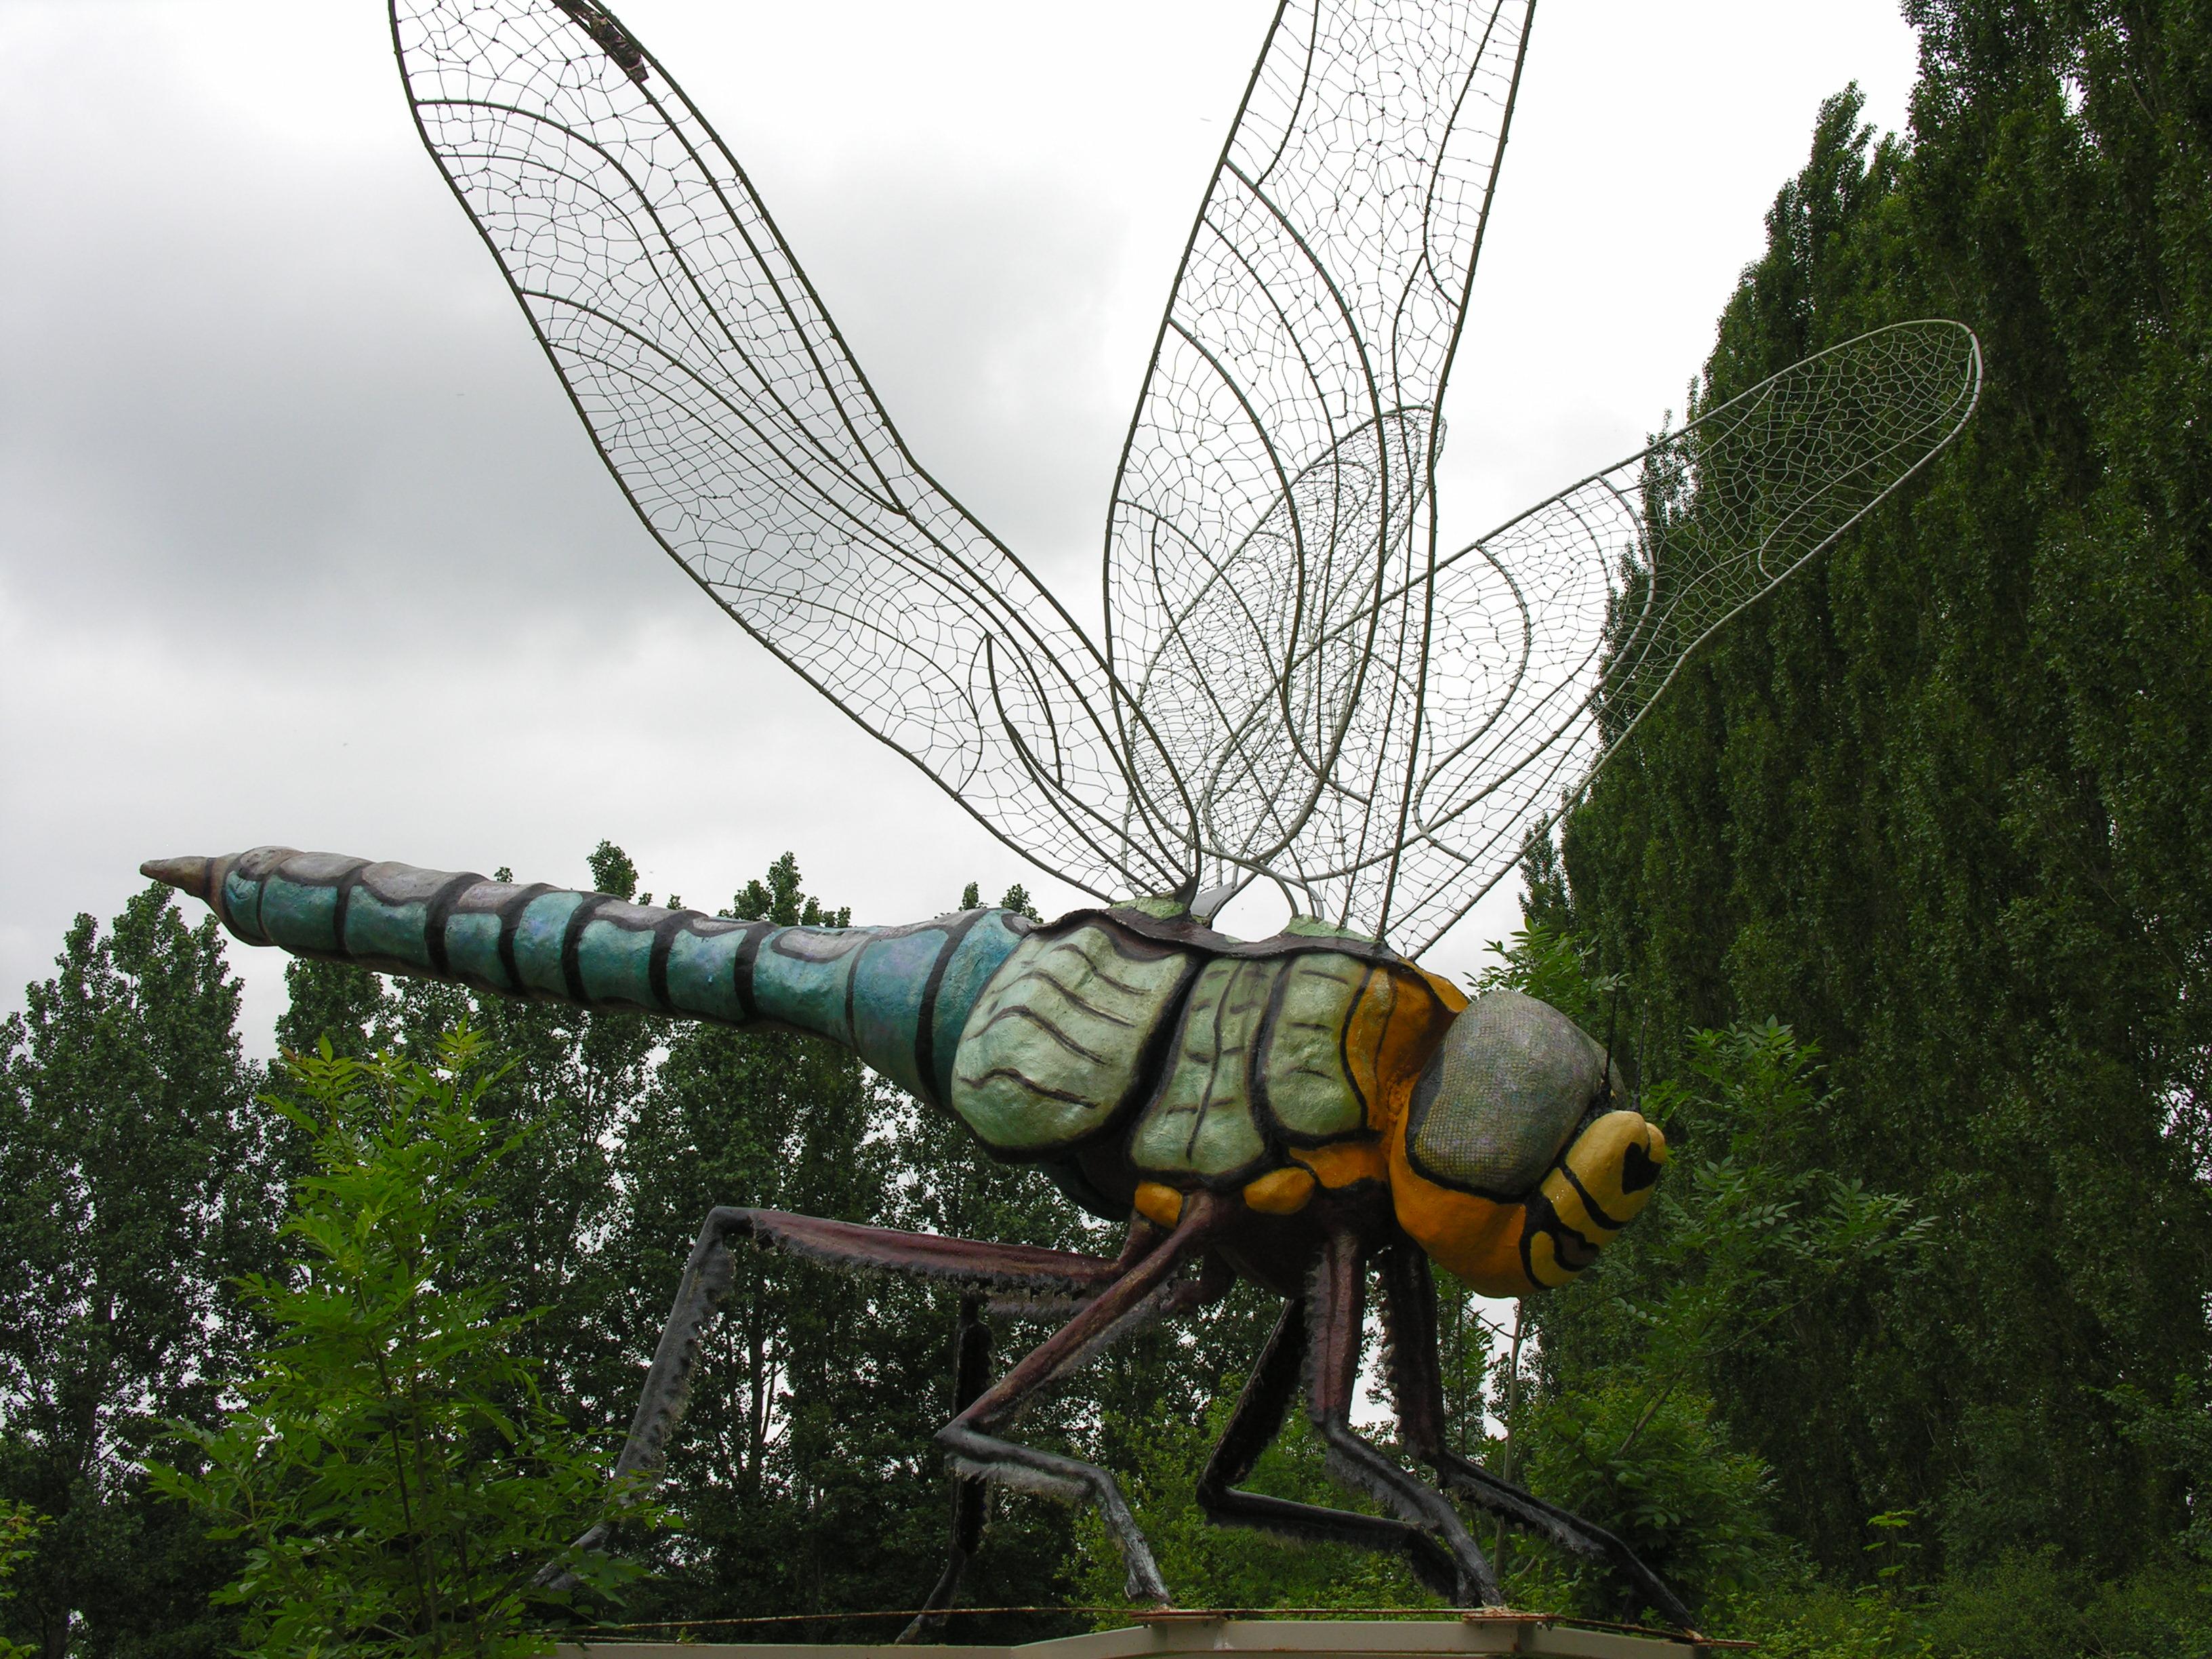 L'énorme libellule, œuvre collective d'une quarantaine de personnes, de tout âge et tout milieu, qui accueillait les visiteurs.